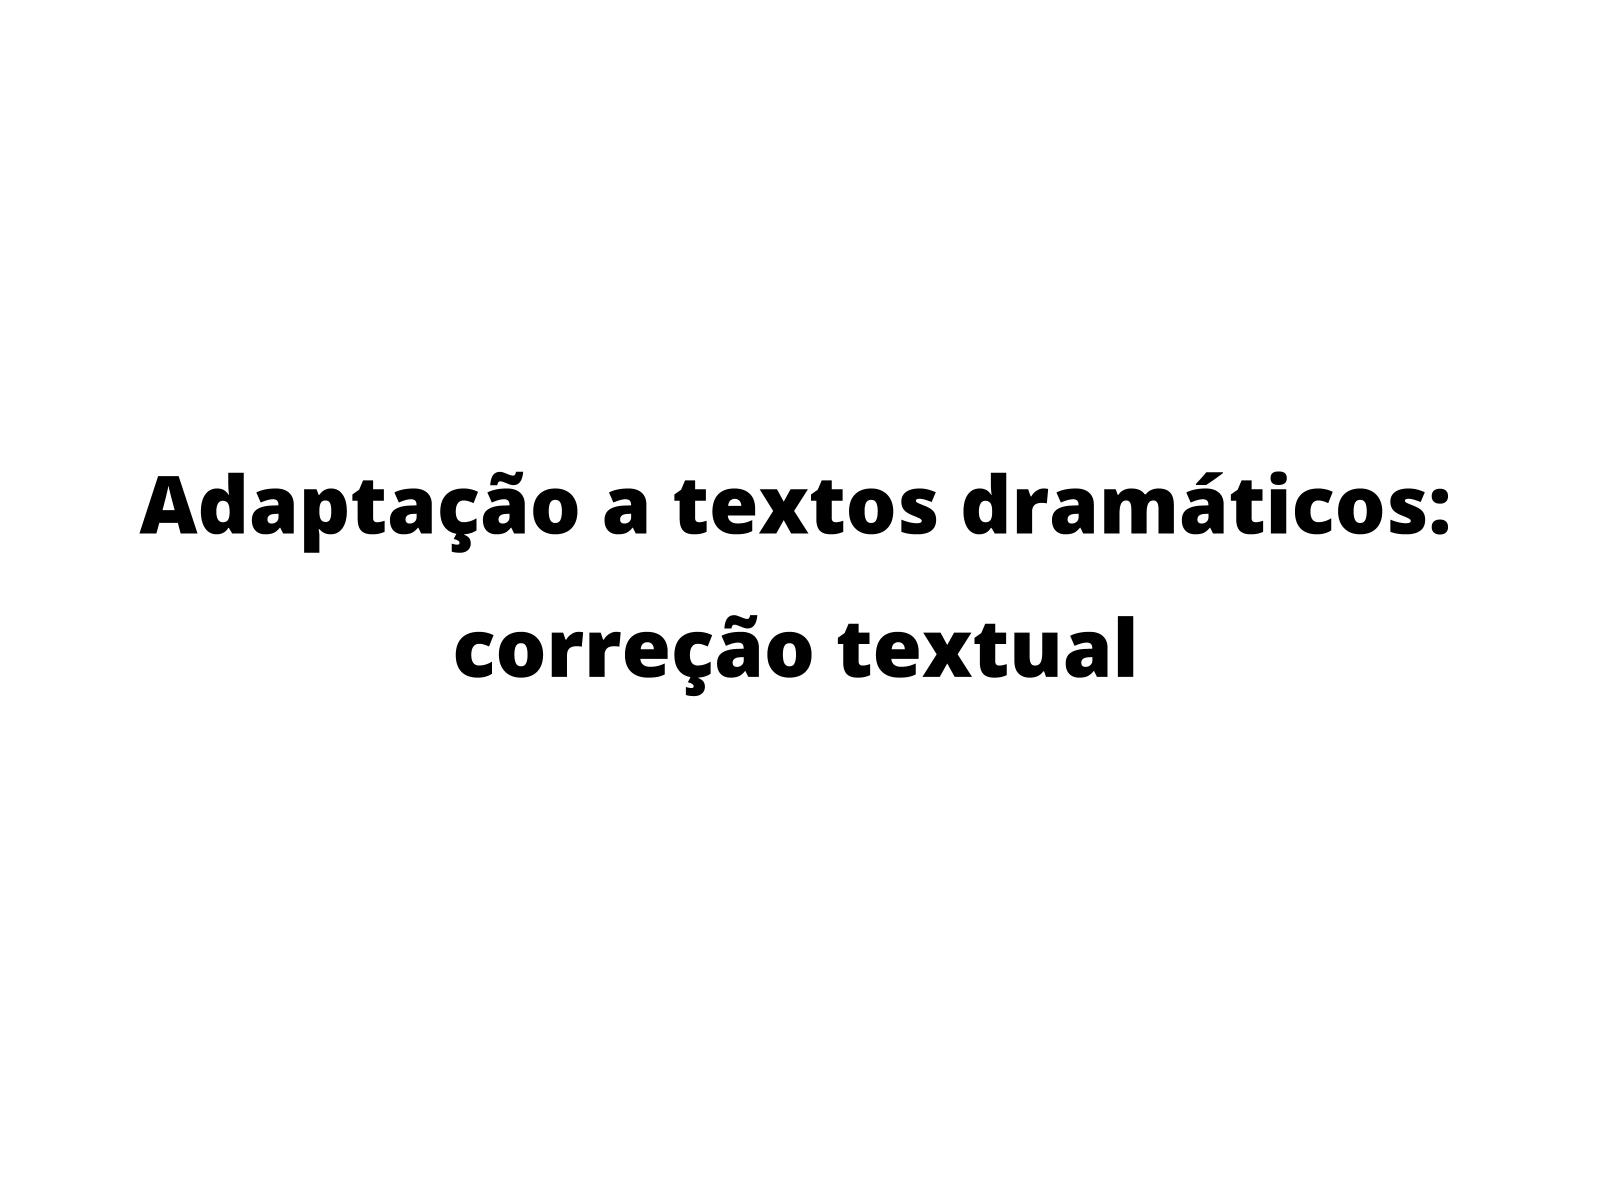 A adaptação de textos: correção textual